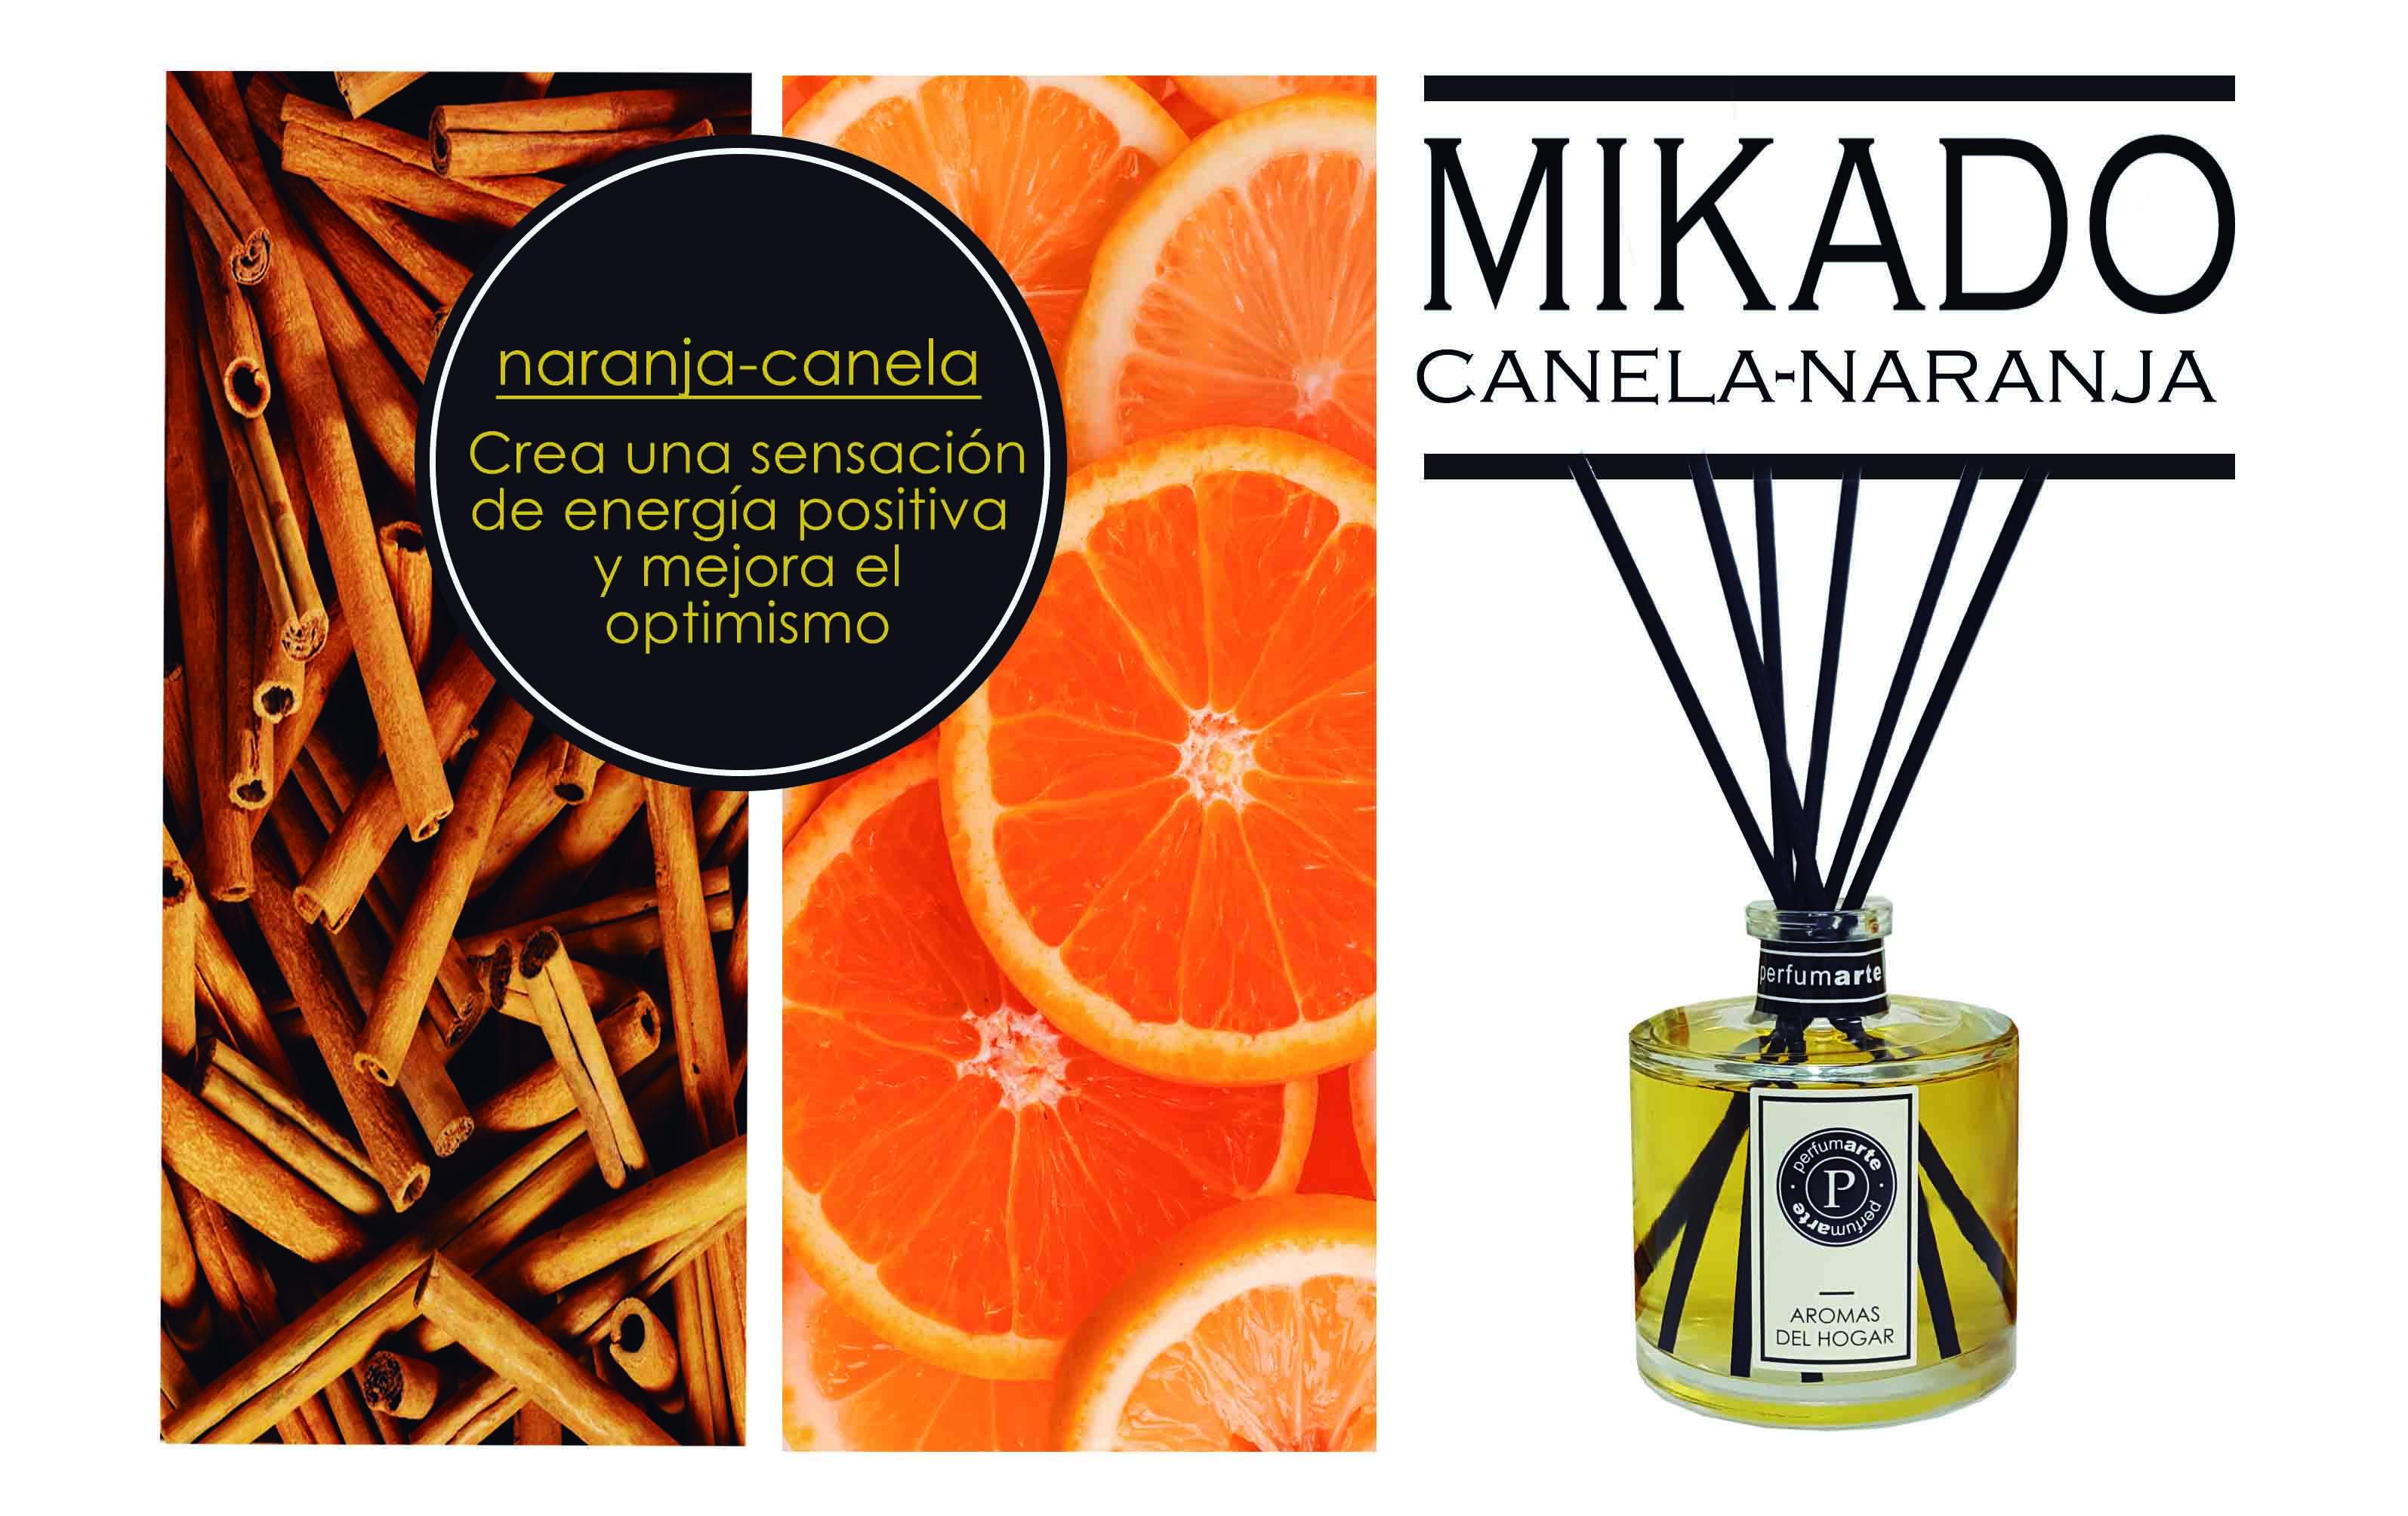 Pin de Perfumarte en Productos Perfumarte (con imágenes